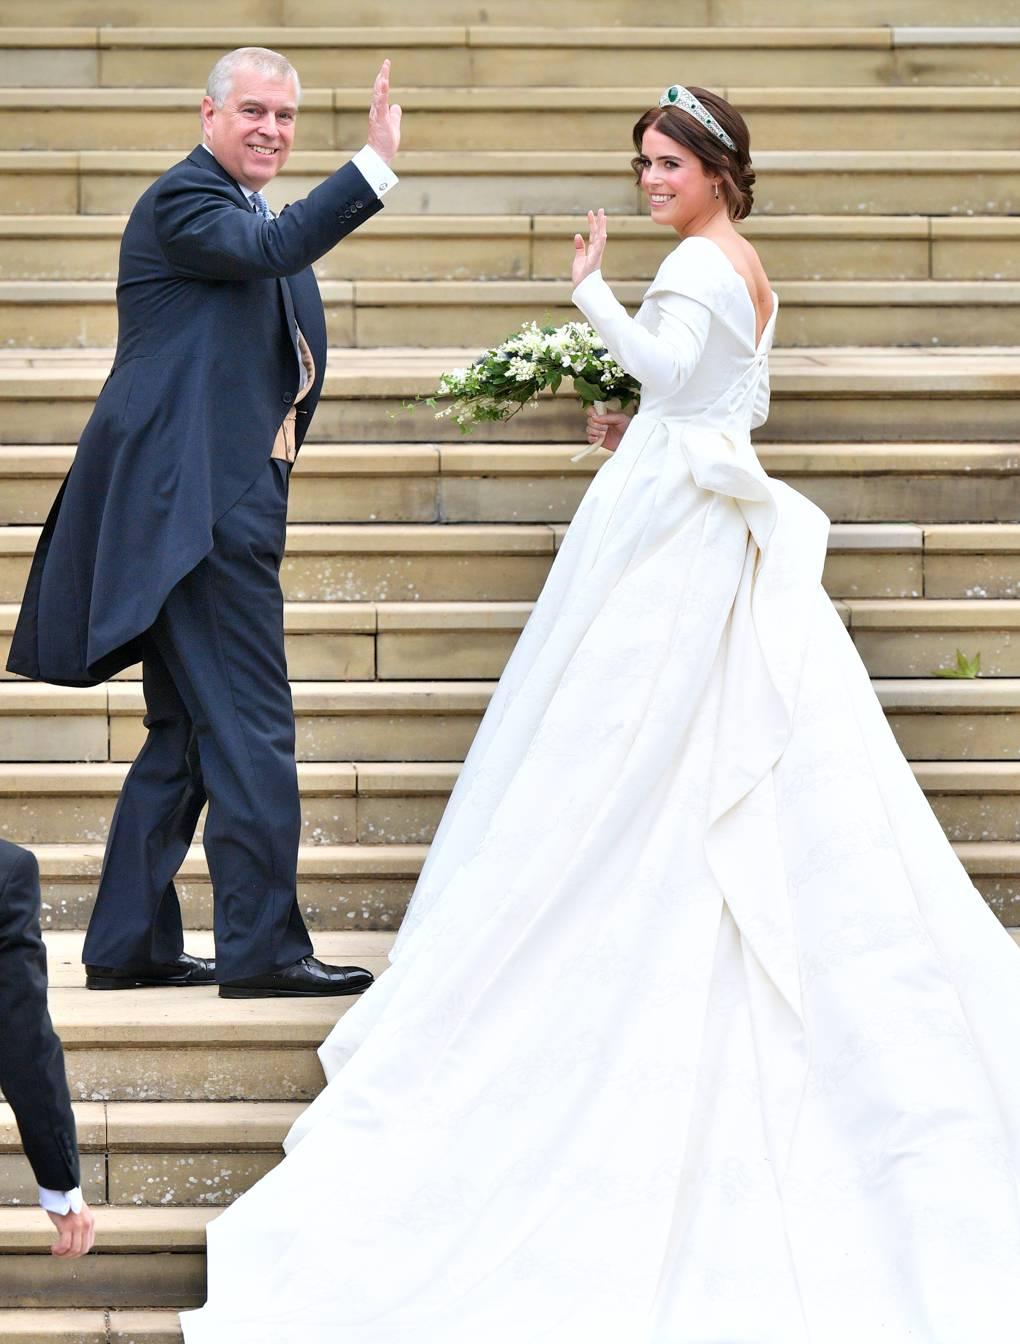 Πριγκίπισσα Ευγενία   Jack Brooksbank  Ο δεύτερος βασιλικός γάμος ... af6c87a943c